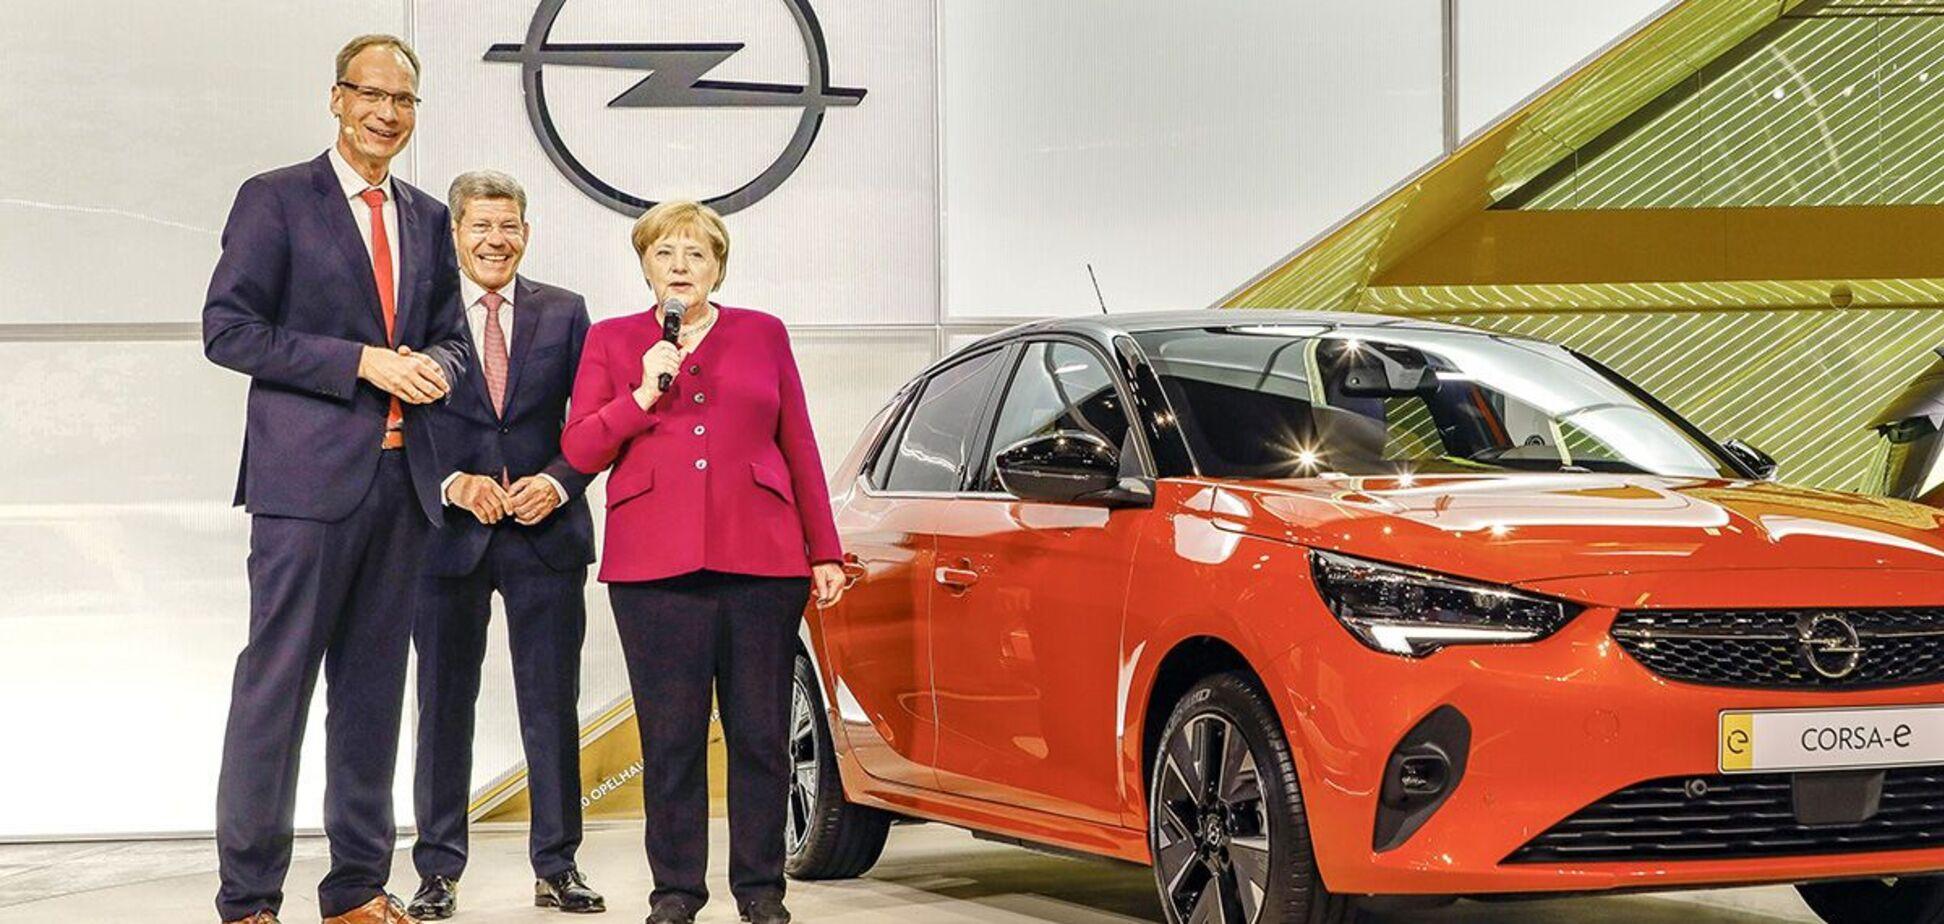 Ангела Меркель заступилась за бензиновые и дизельные авто